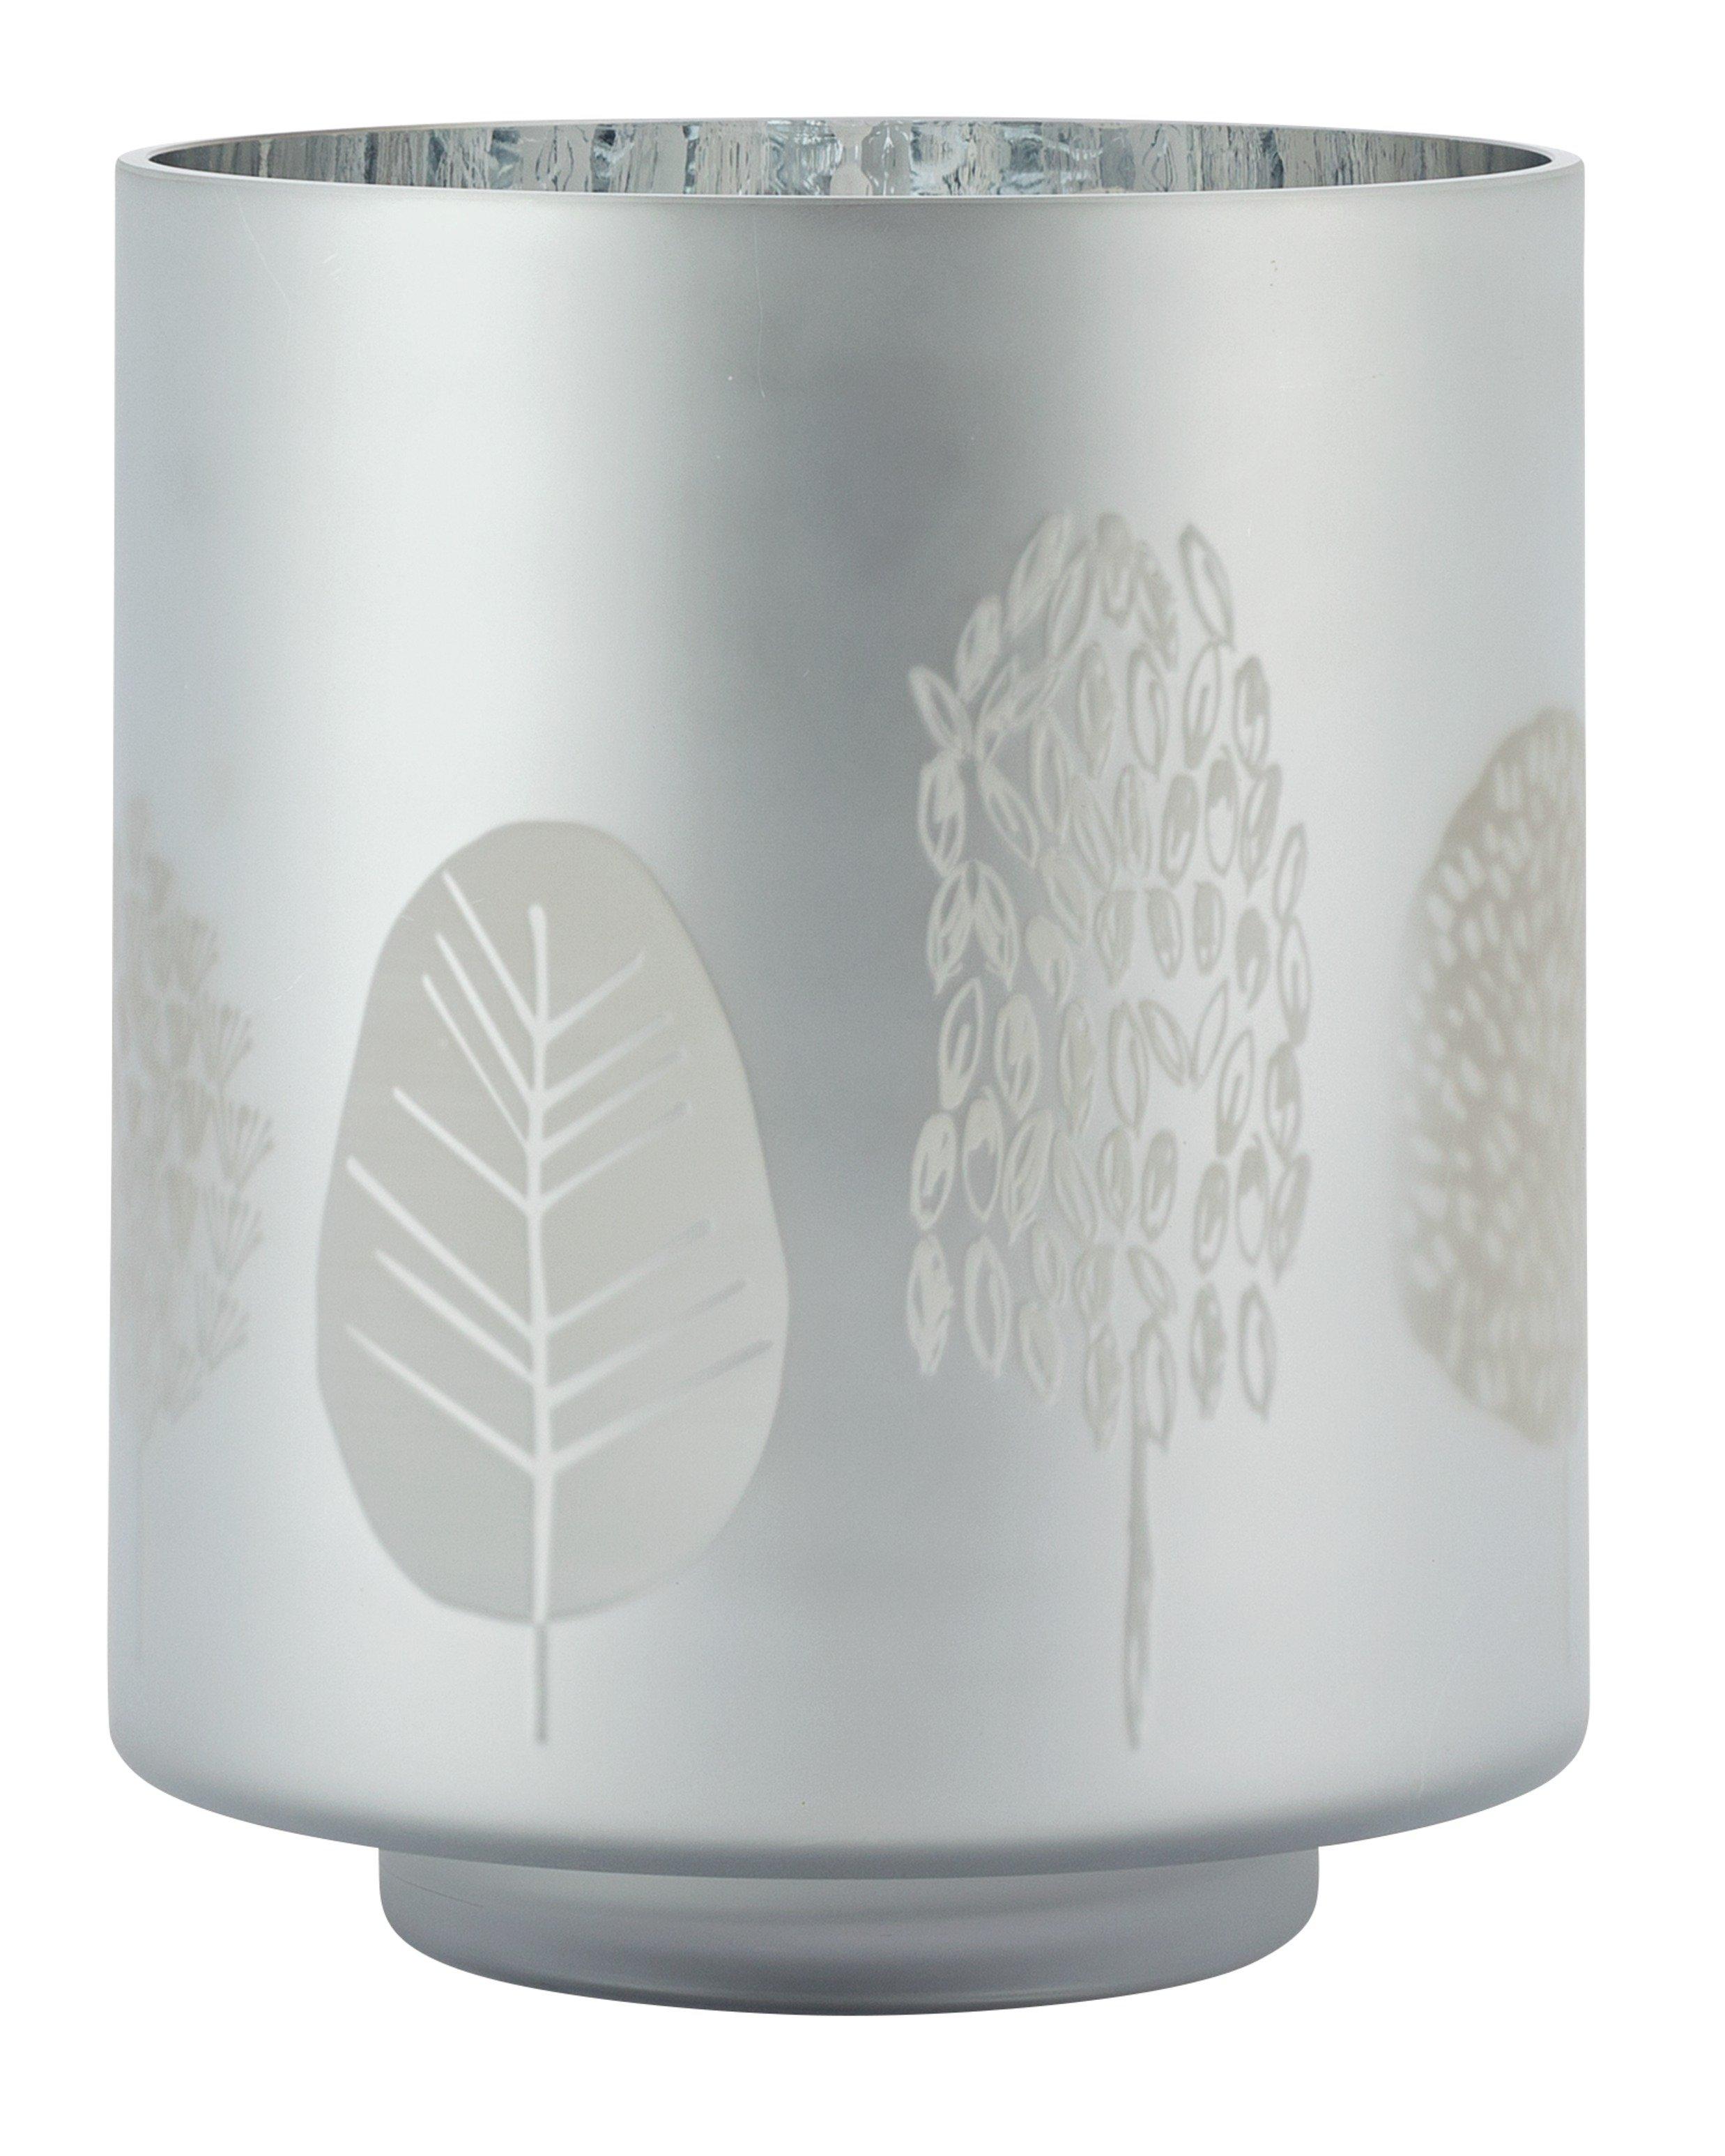 hurricane candle holders candles shop uk. Black Bedroom Furniture Sets. Home Design Ideas